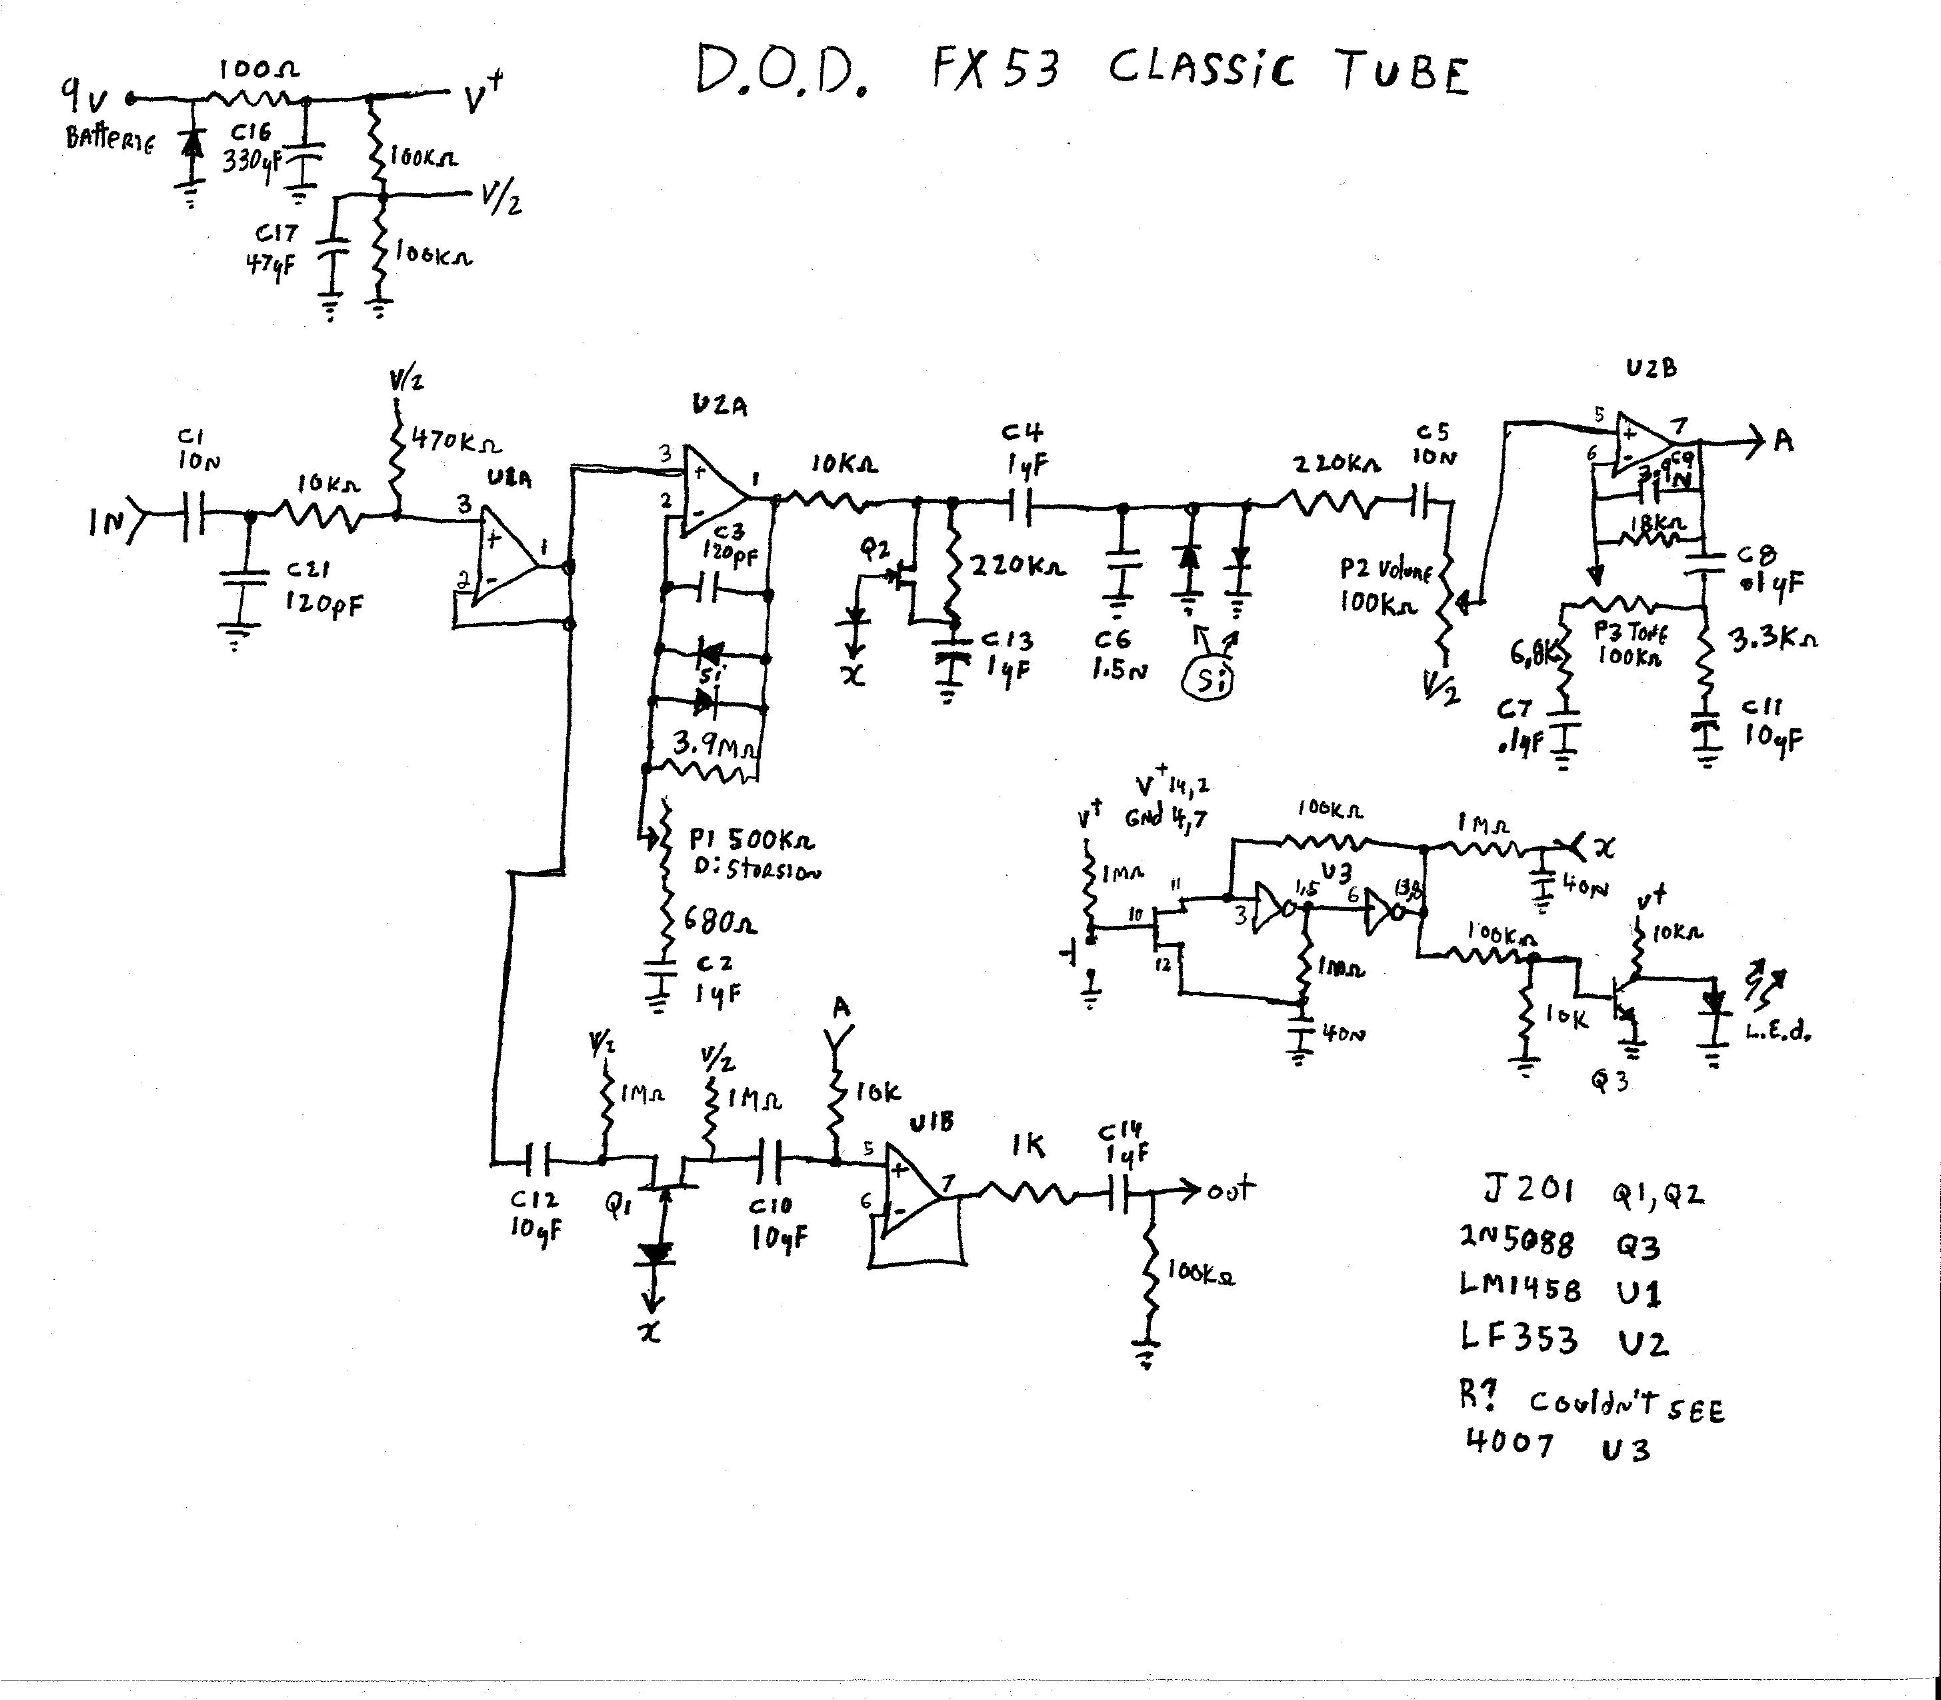 dod fx 53 wiring diagram